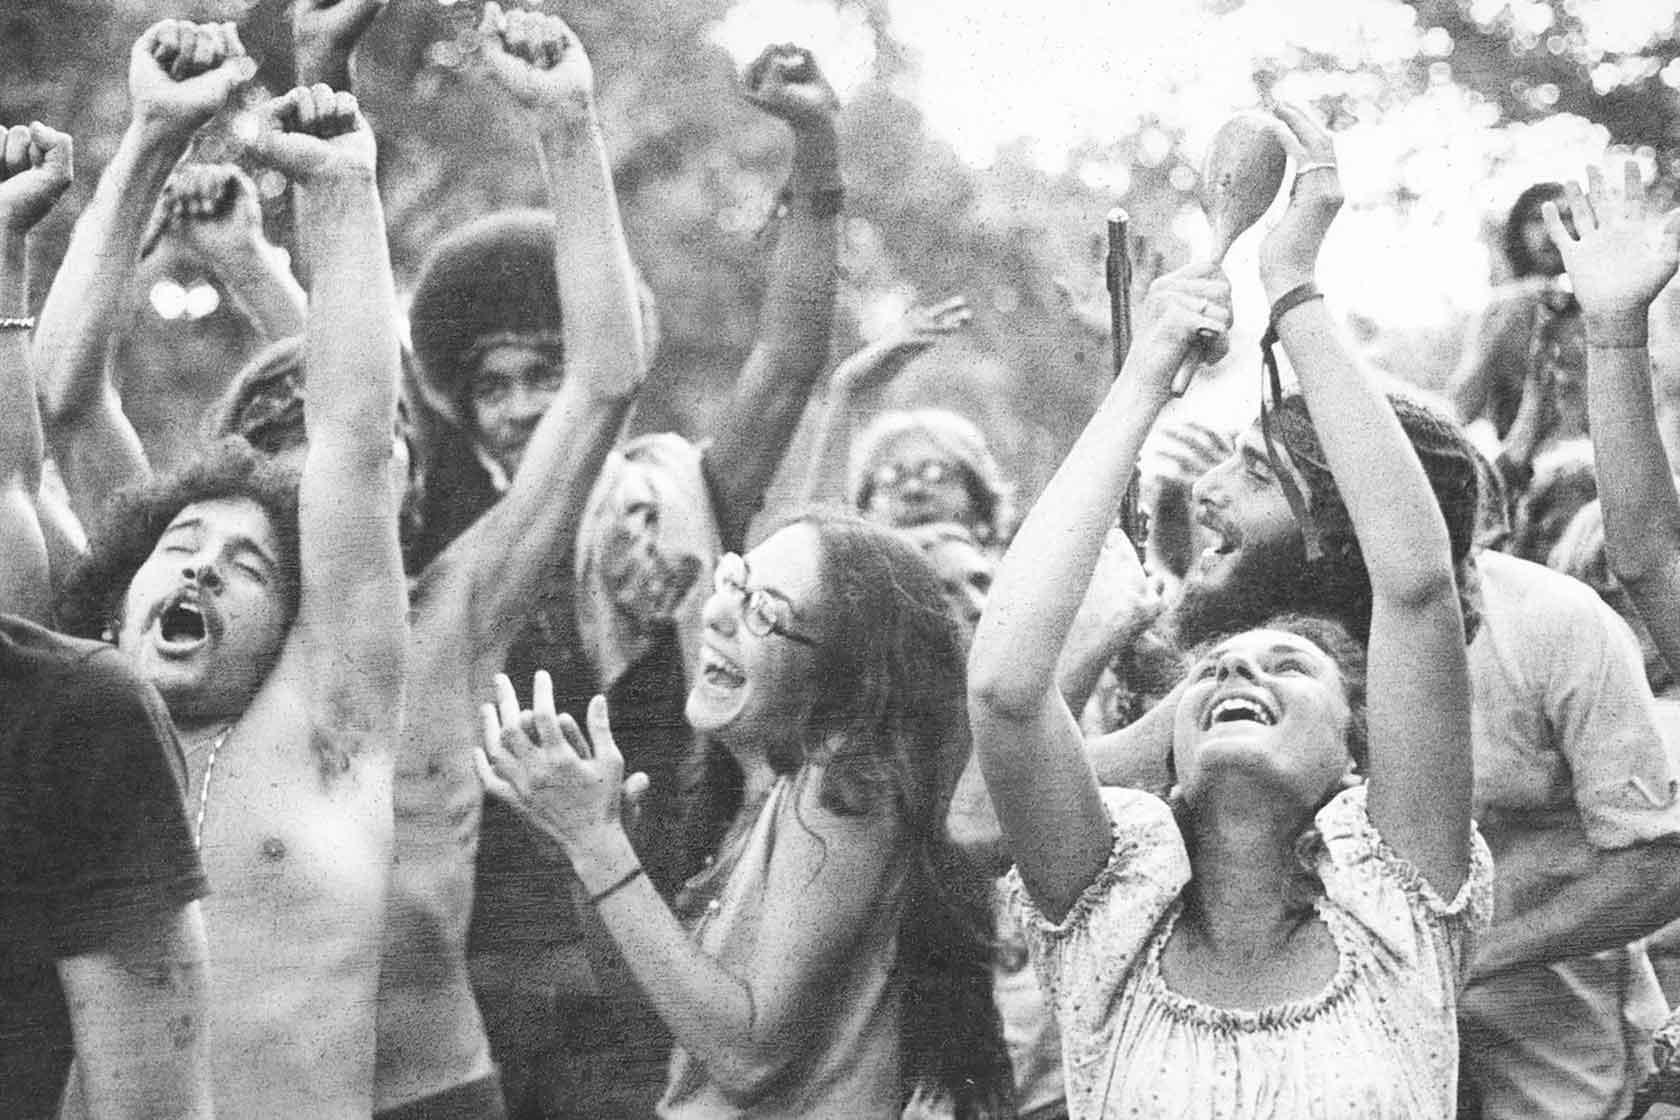 La entrañable y desnuda música de los años 60